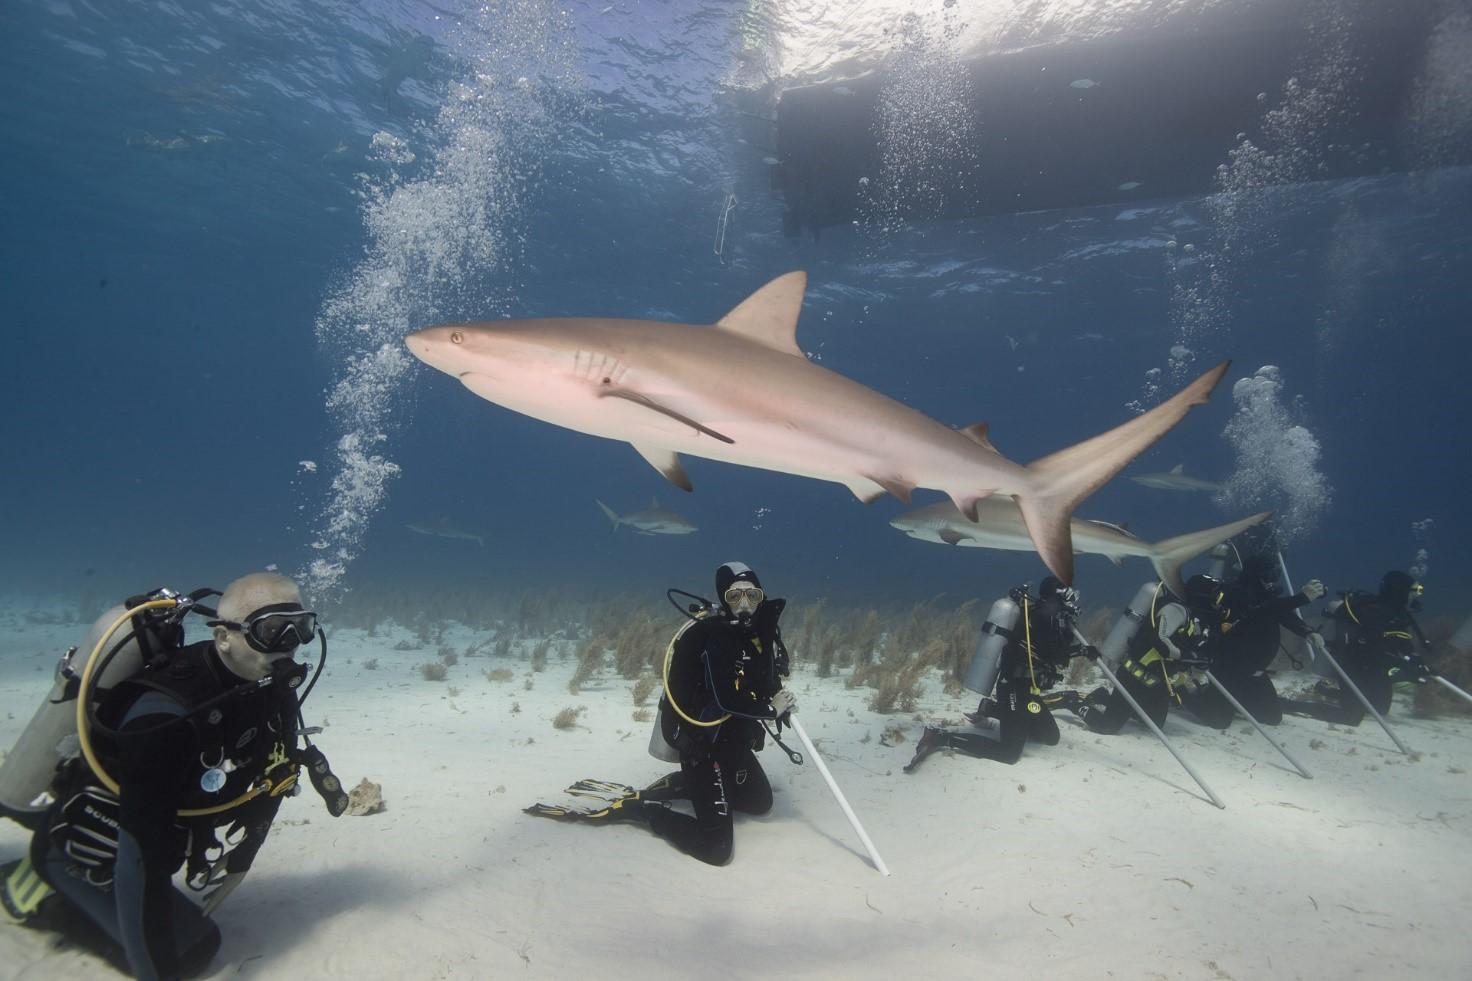 Rekiny karaibski pływają przy nurkach